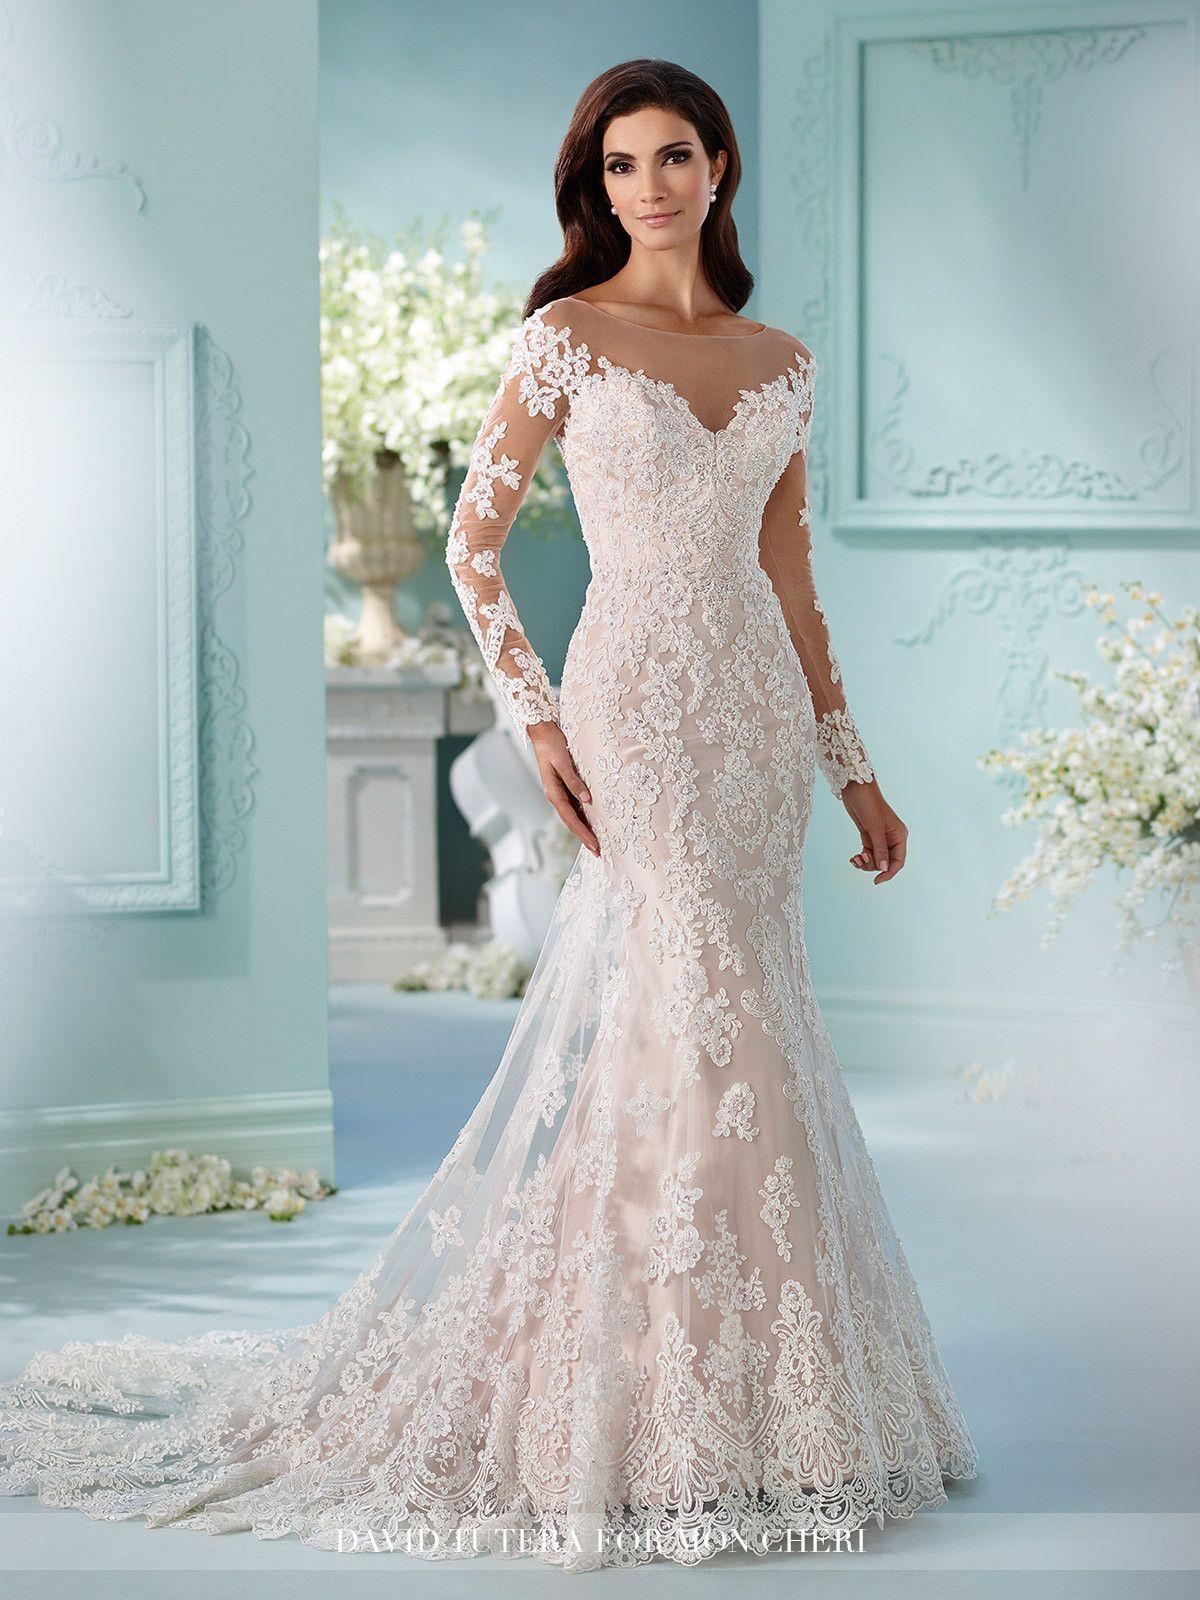 Blog | Vestidos de novia, De novia y Novios